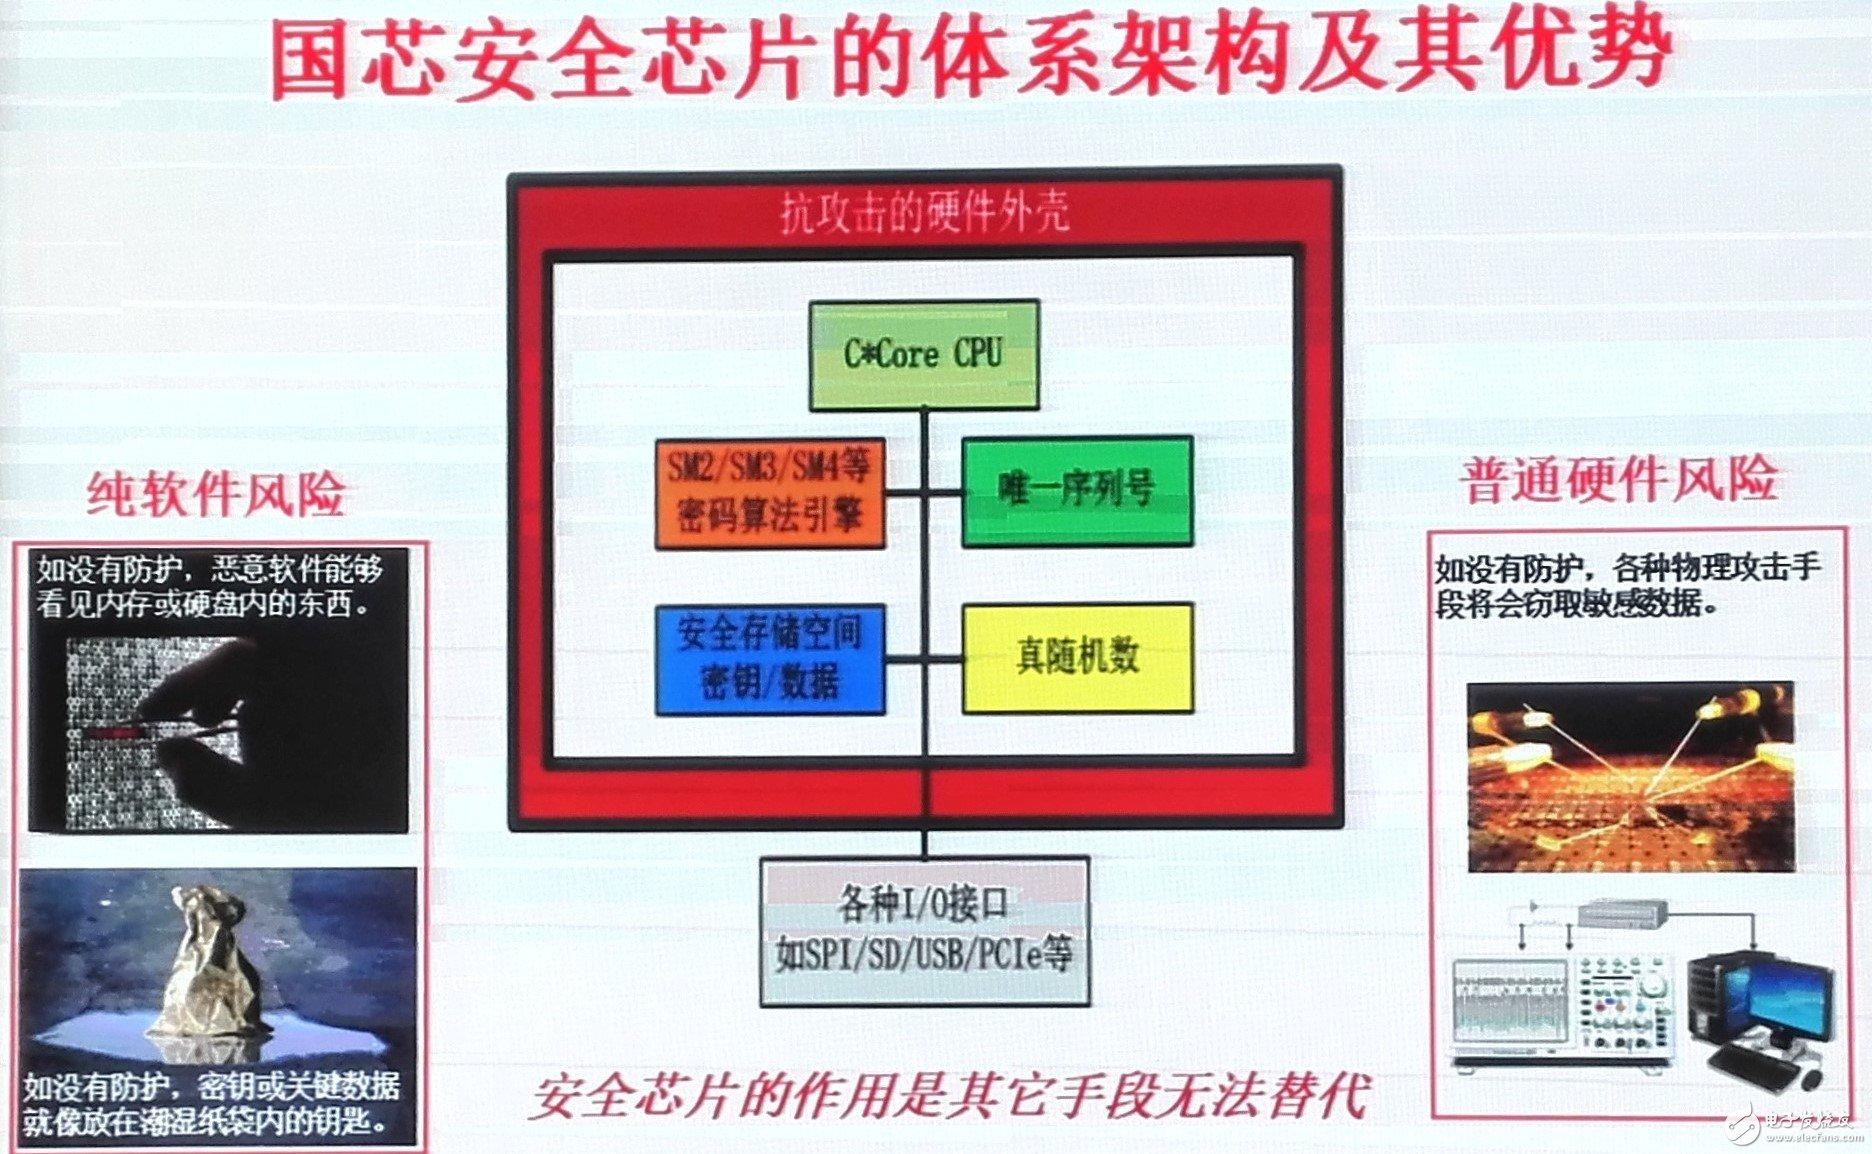 国芯安全系统软硬件平台